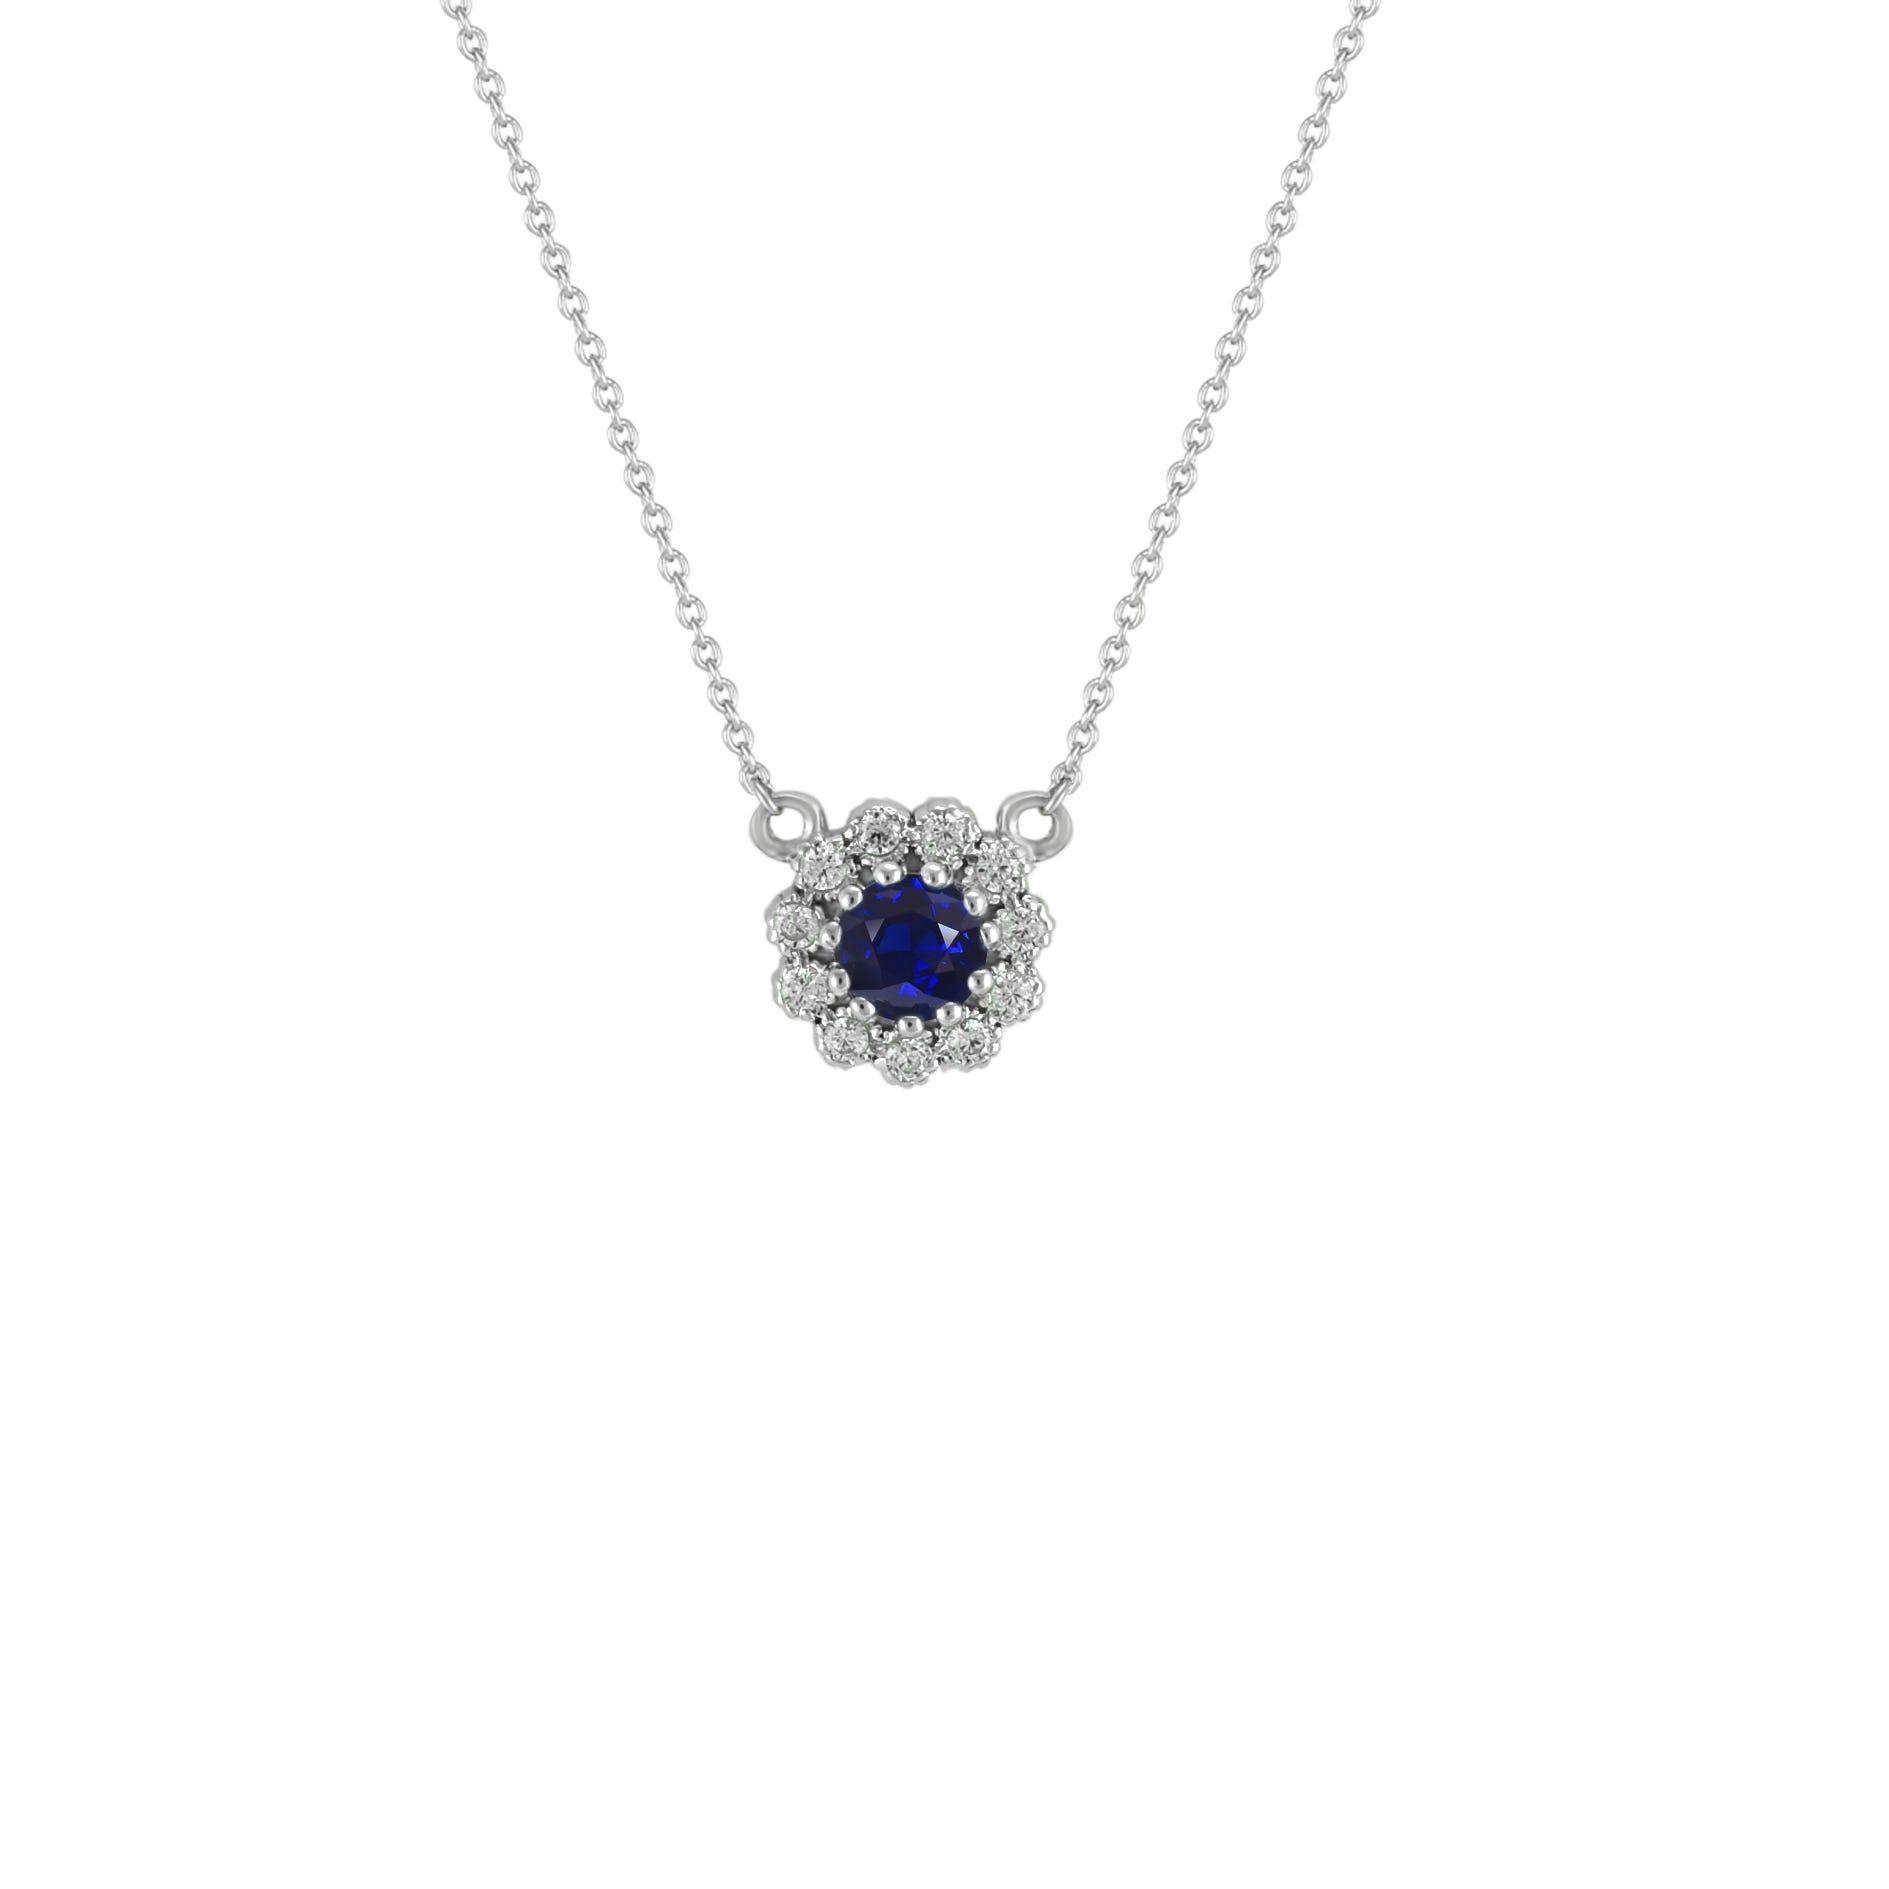 Sapphire & Diamond Flower Pendant in 10k White Gold